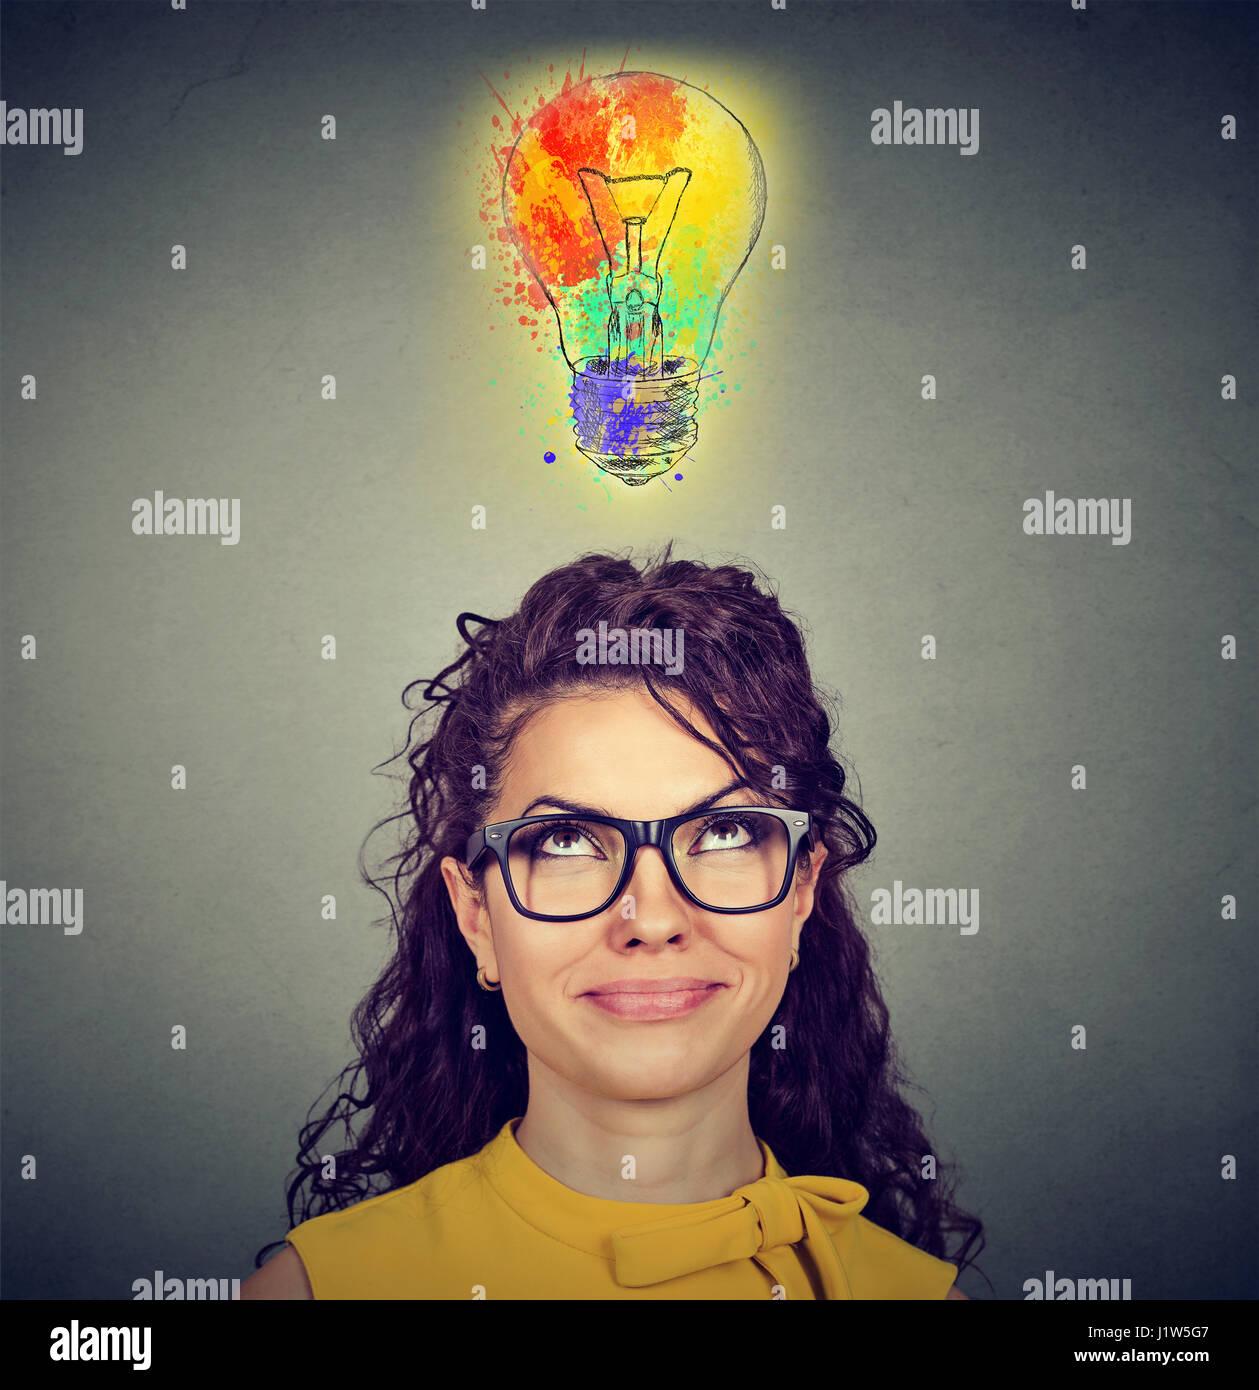 Porträt einer Frau mit Brille und kreative Idee blickte zu bunten Glühbirne auf graue Wand Hintergrund. Stockbild